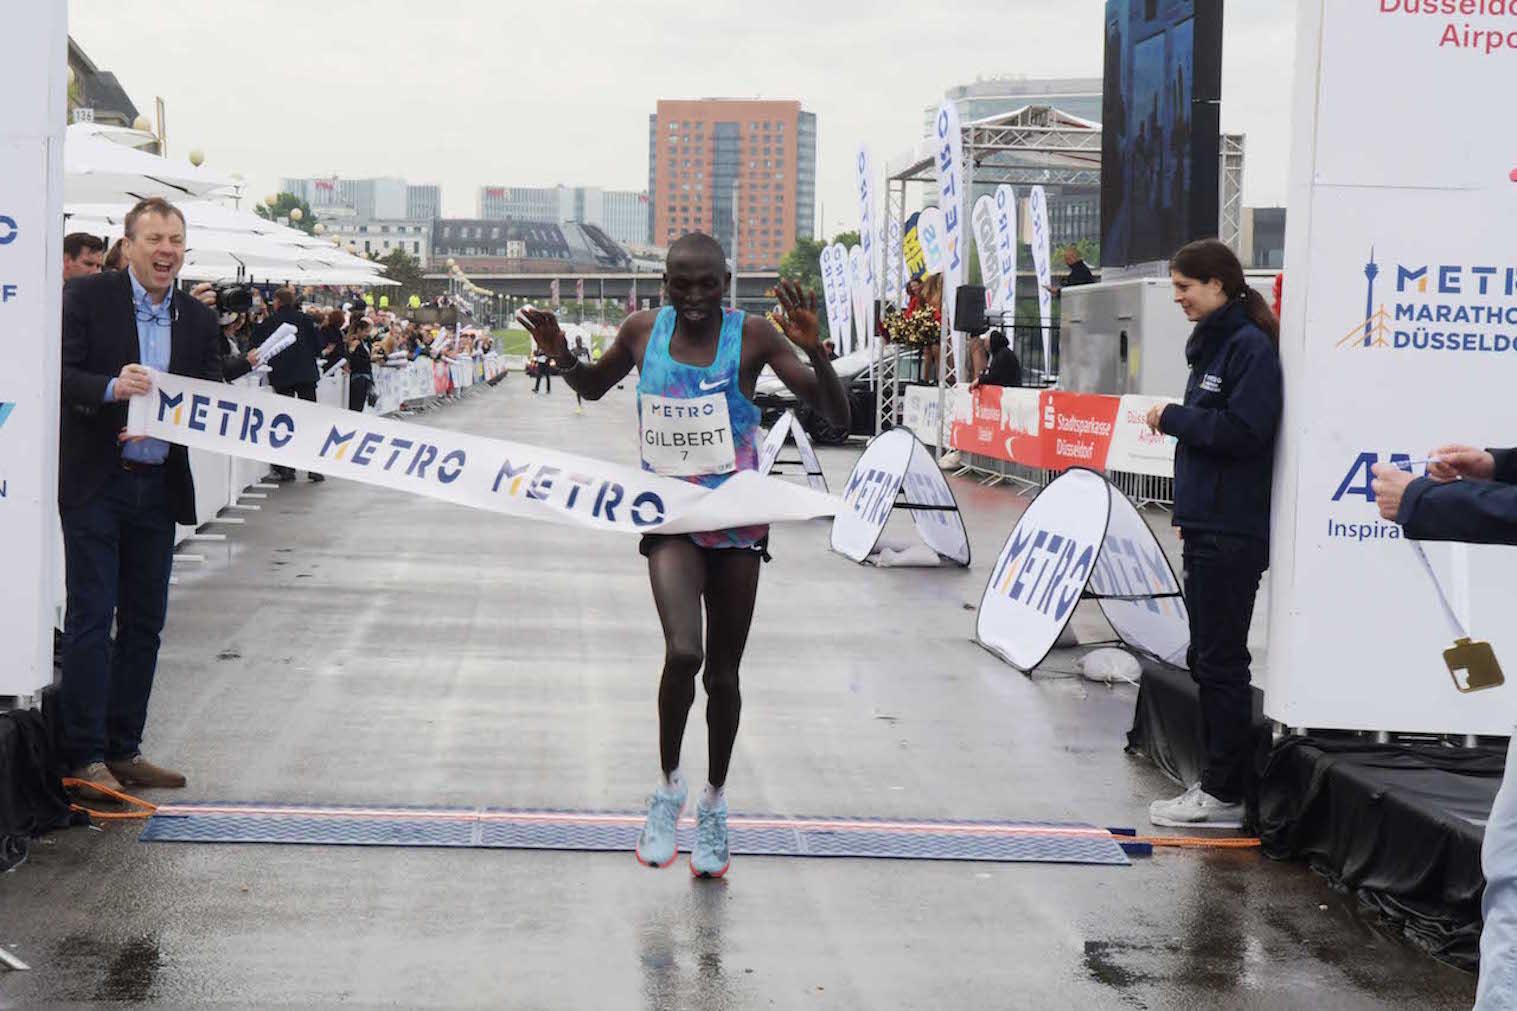 Wiele emocji na trasie METRO Marathon Düsseldorf!